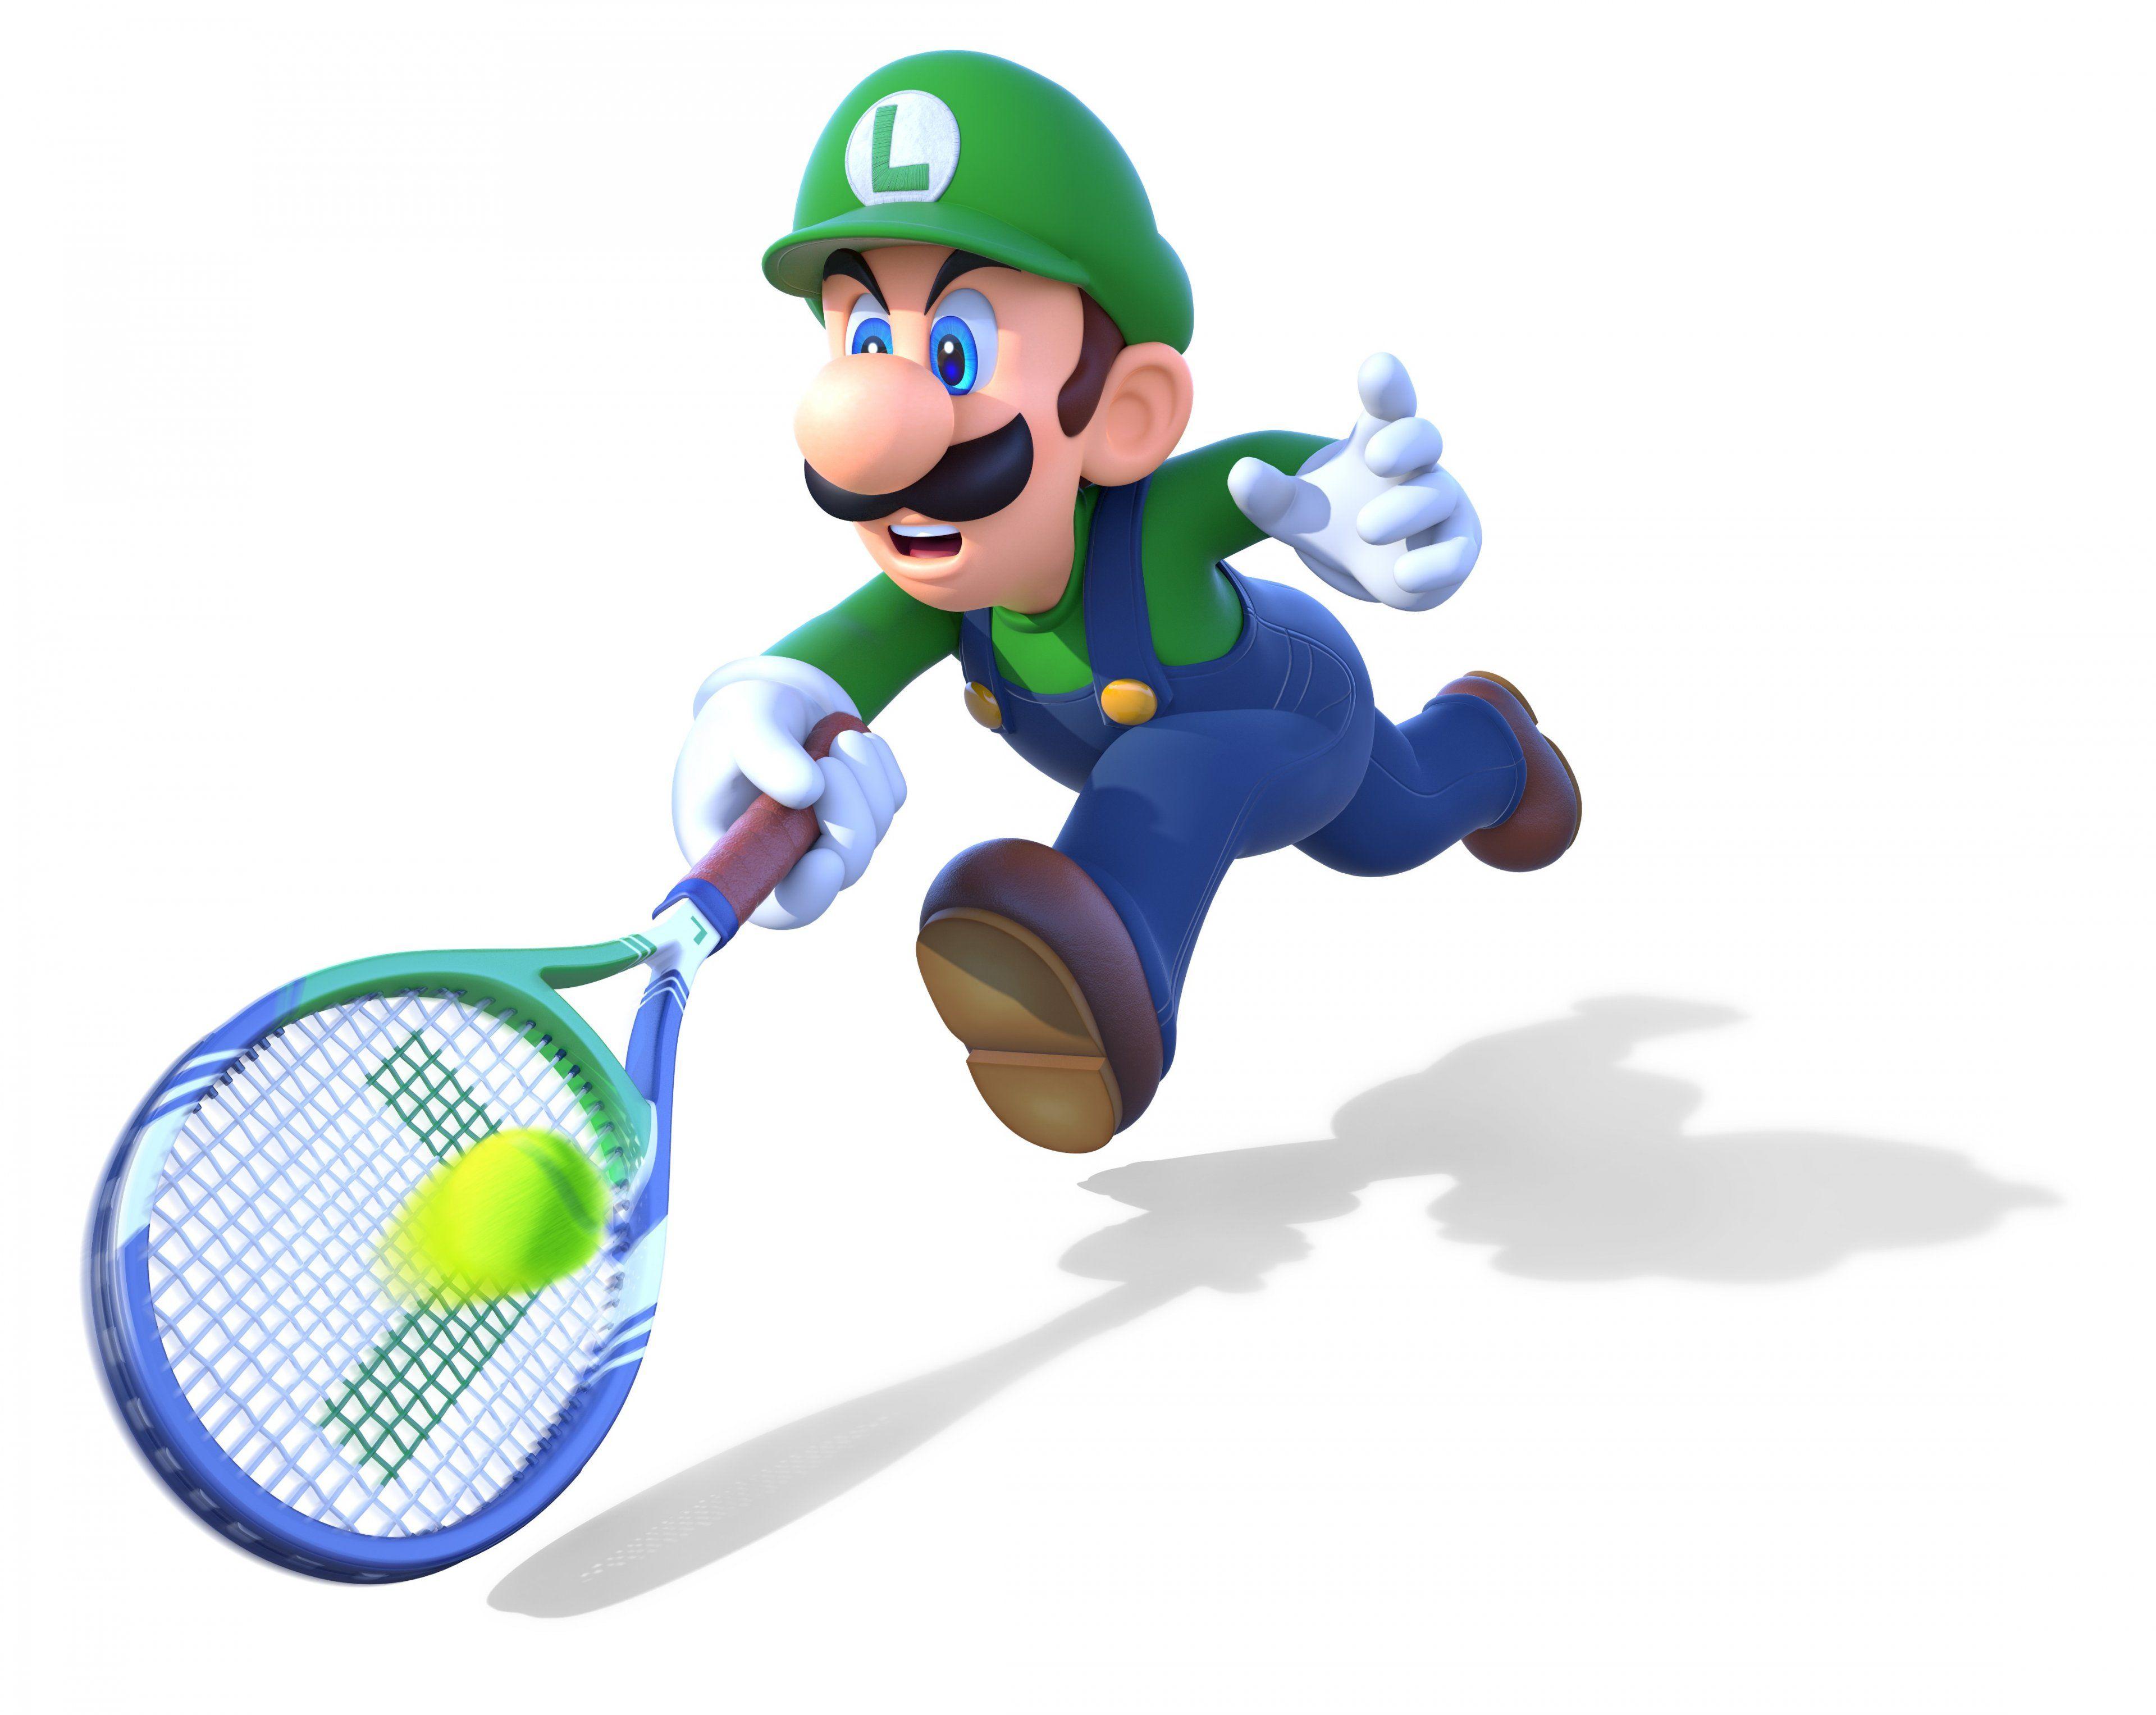 #MarioTennisUltraSmash #MarioTennis #WiiU #Nintendo #NintendoWiiU #Luigi Para más información sobre #Videojuegos, Suscríbete a nuestra página web: http://legiondejugadores.com/ y síguenos en Twitter https://twitter.com/LegionJugadores